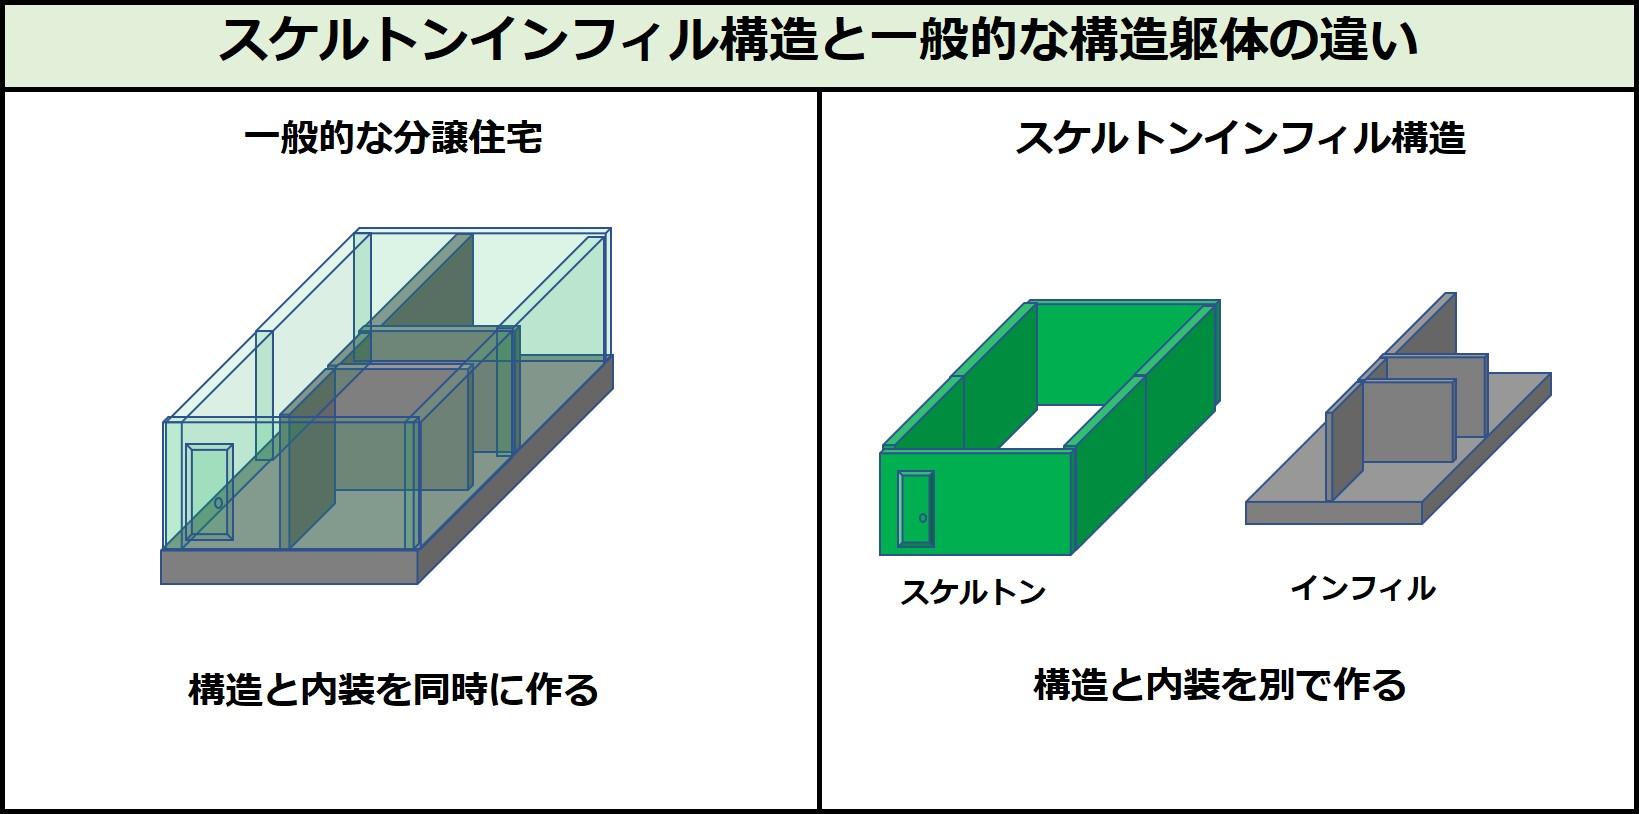 自由な分譲住宅】スケルトンインフィル構造と通常の物件の違い